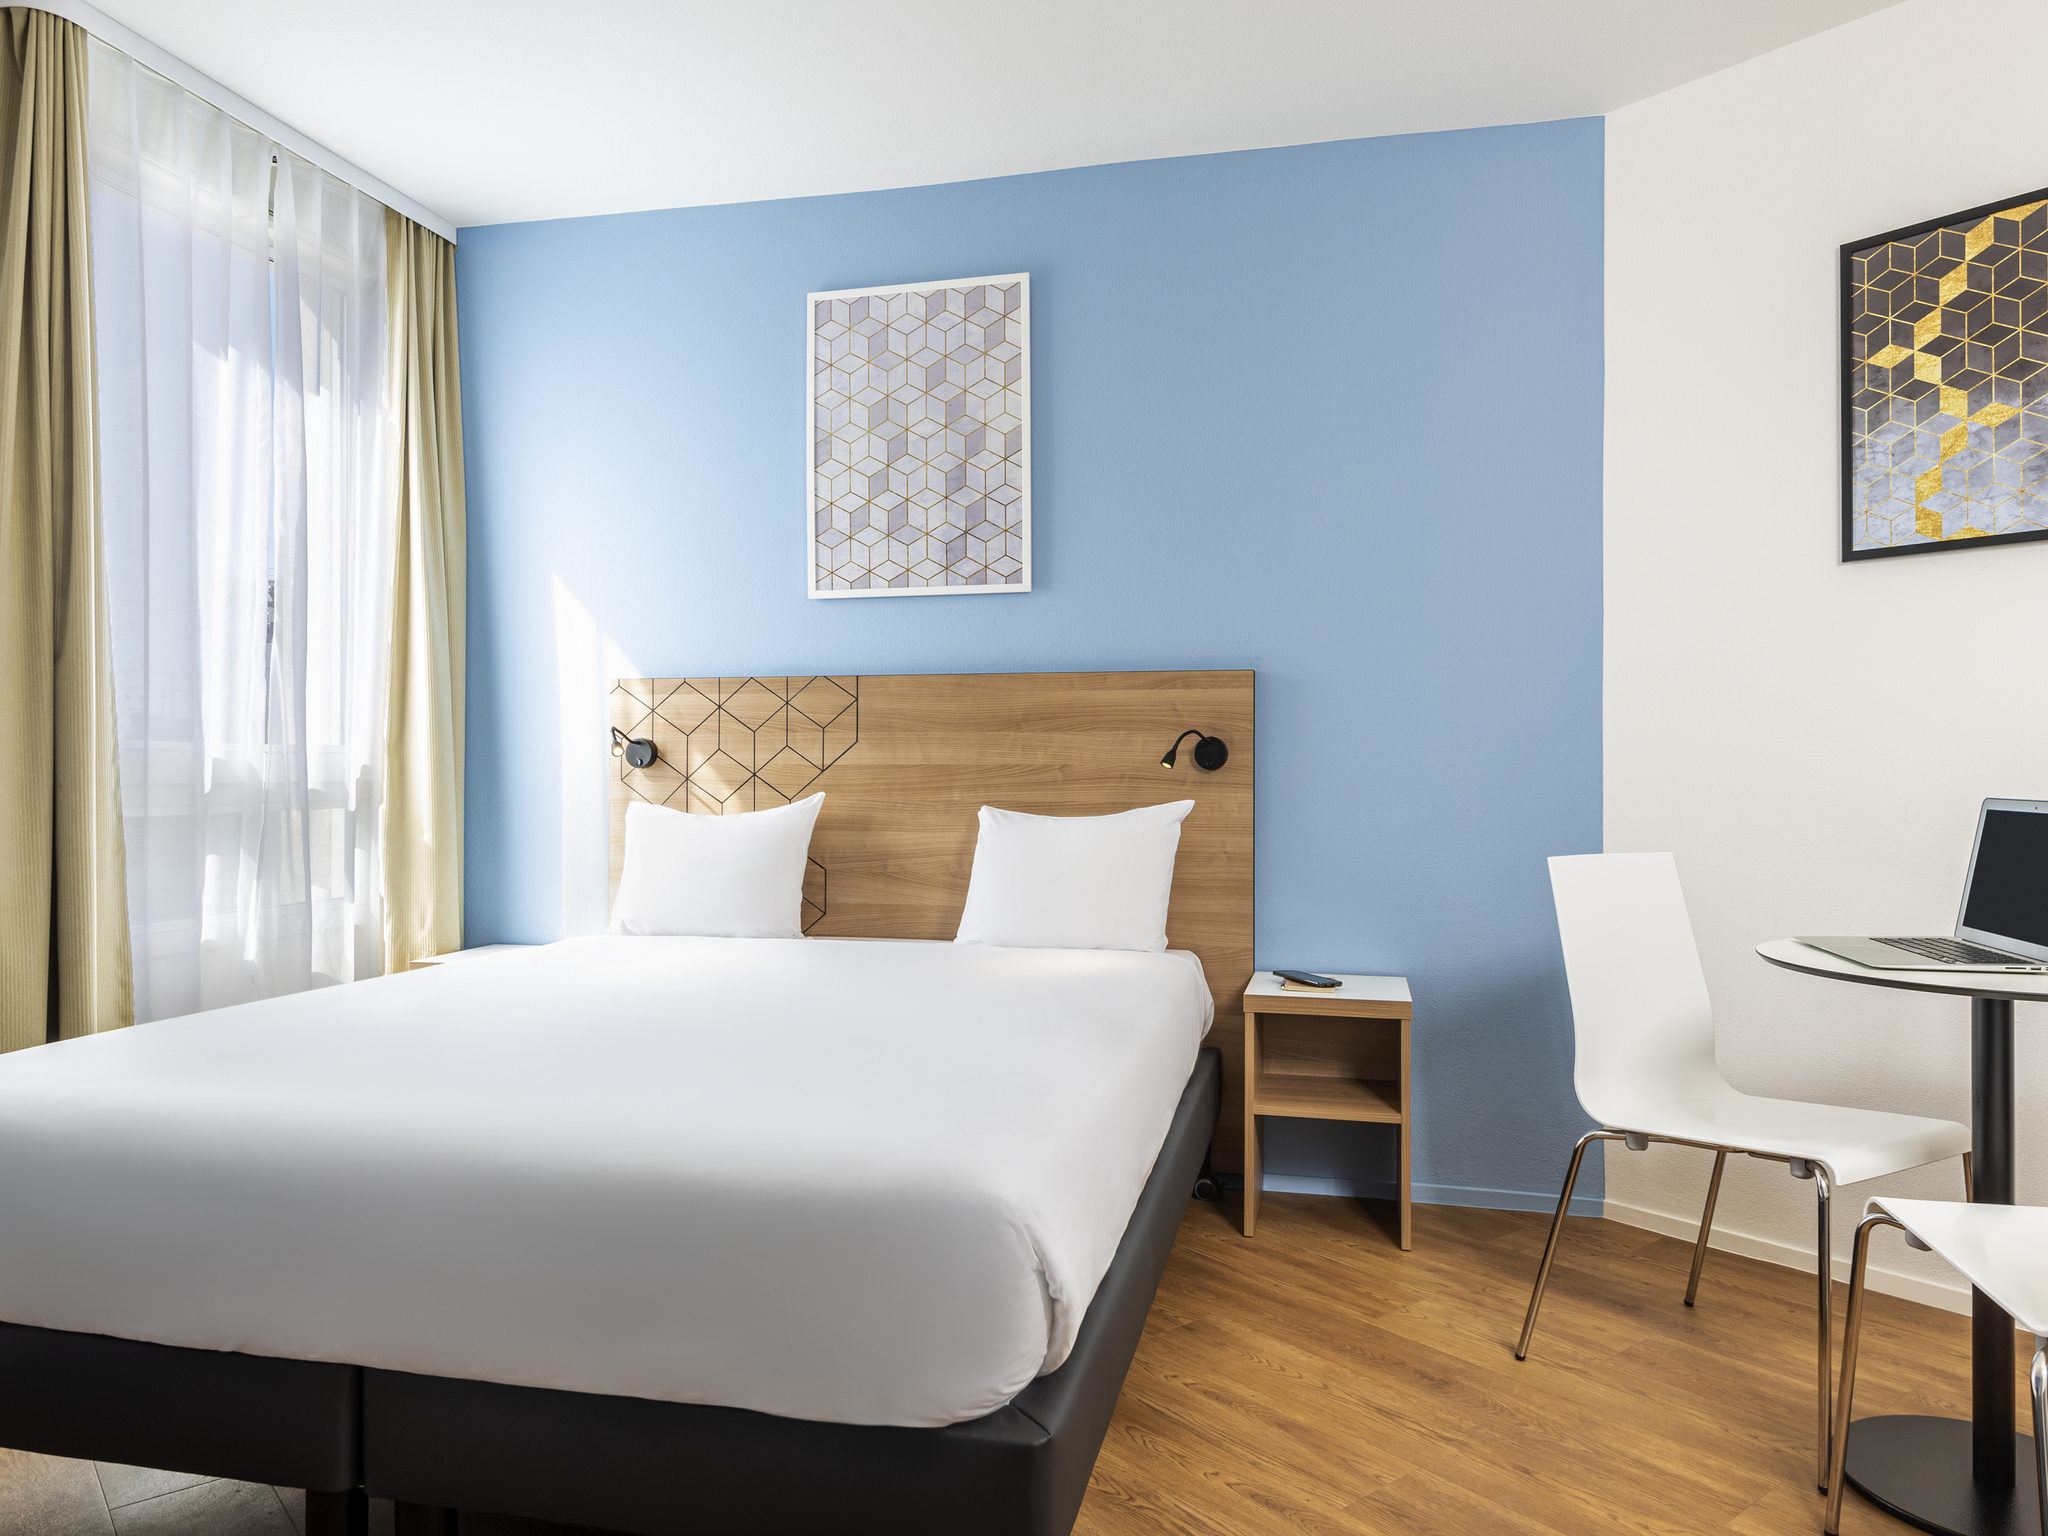 Htel  IVRY SUR SEINE  Aparthotel Adagio access Paris Quai dIvry